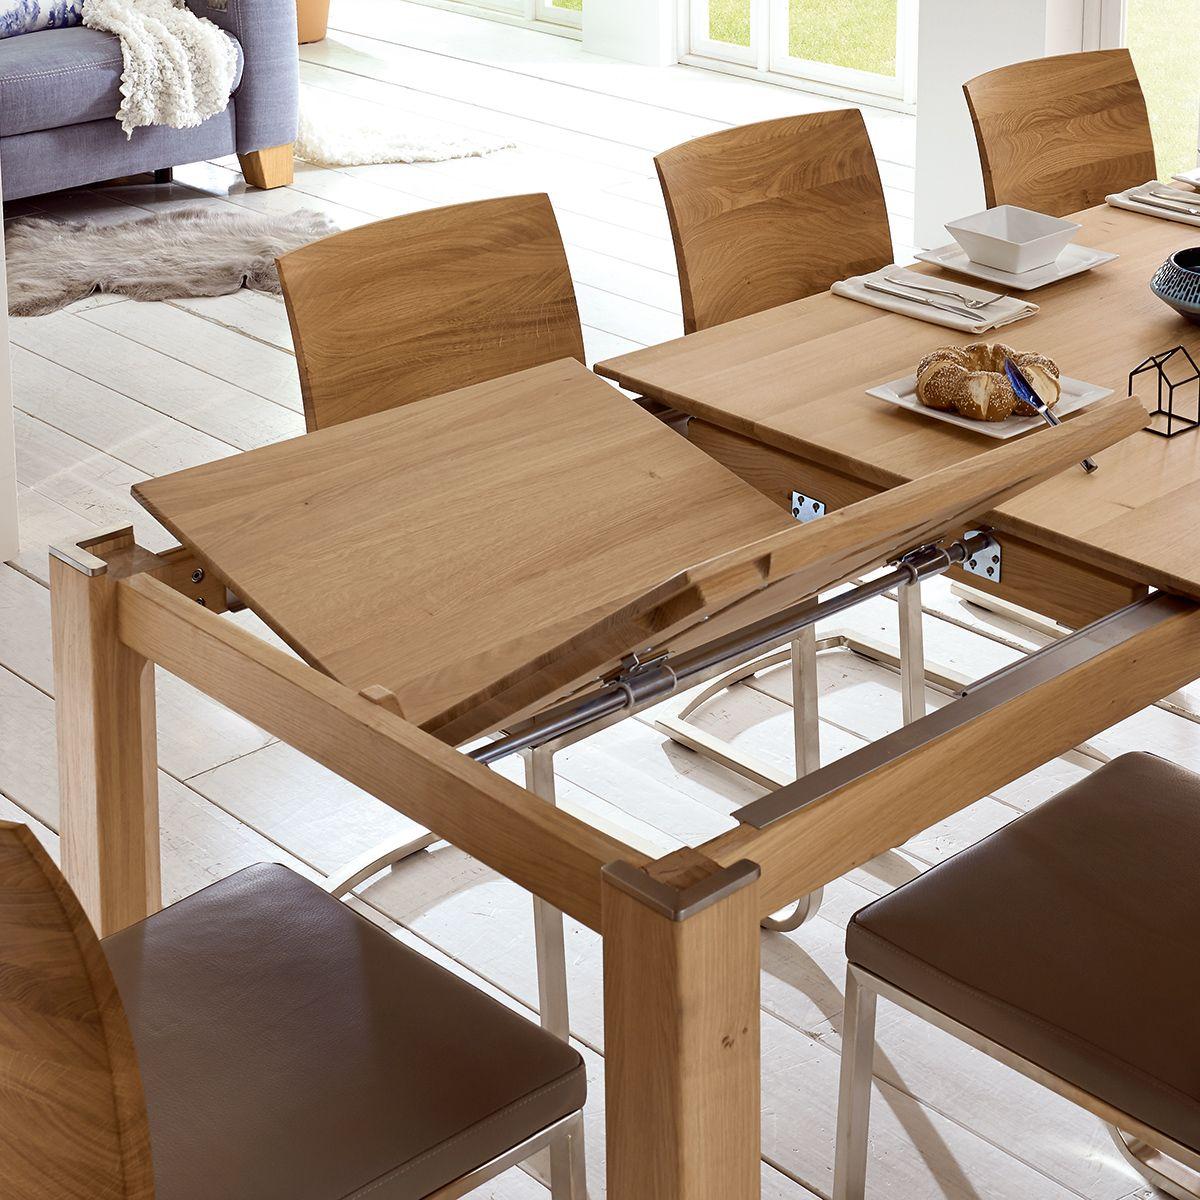 Idealer Begleiter - ein Tisch mit Ausziehfunktion  Holztisch